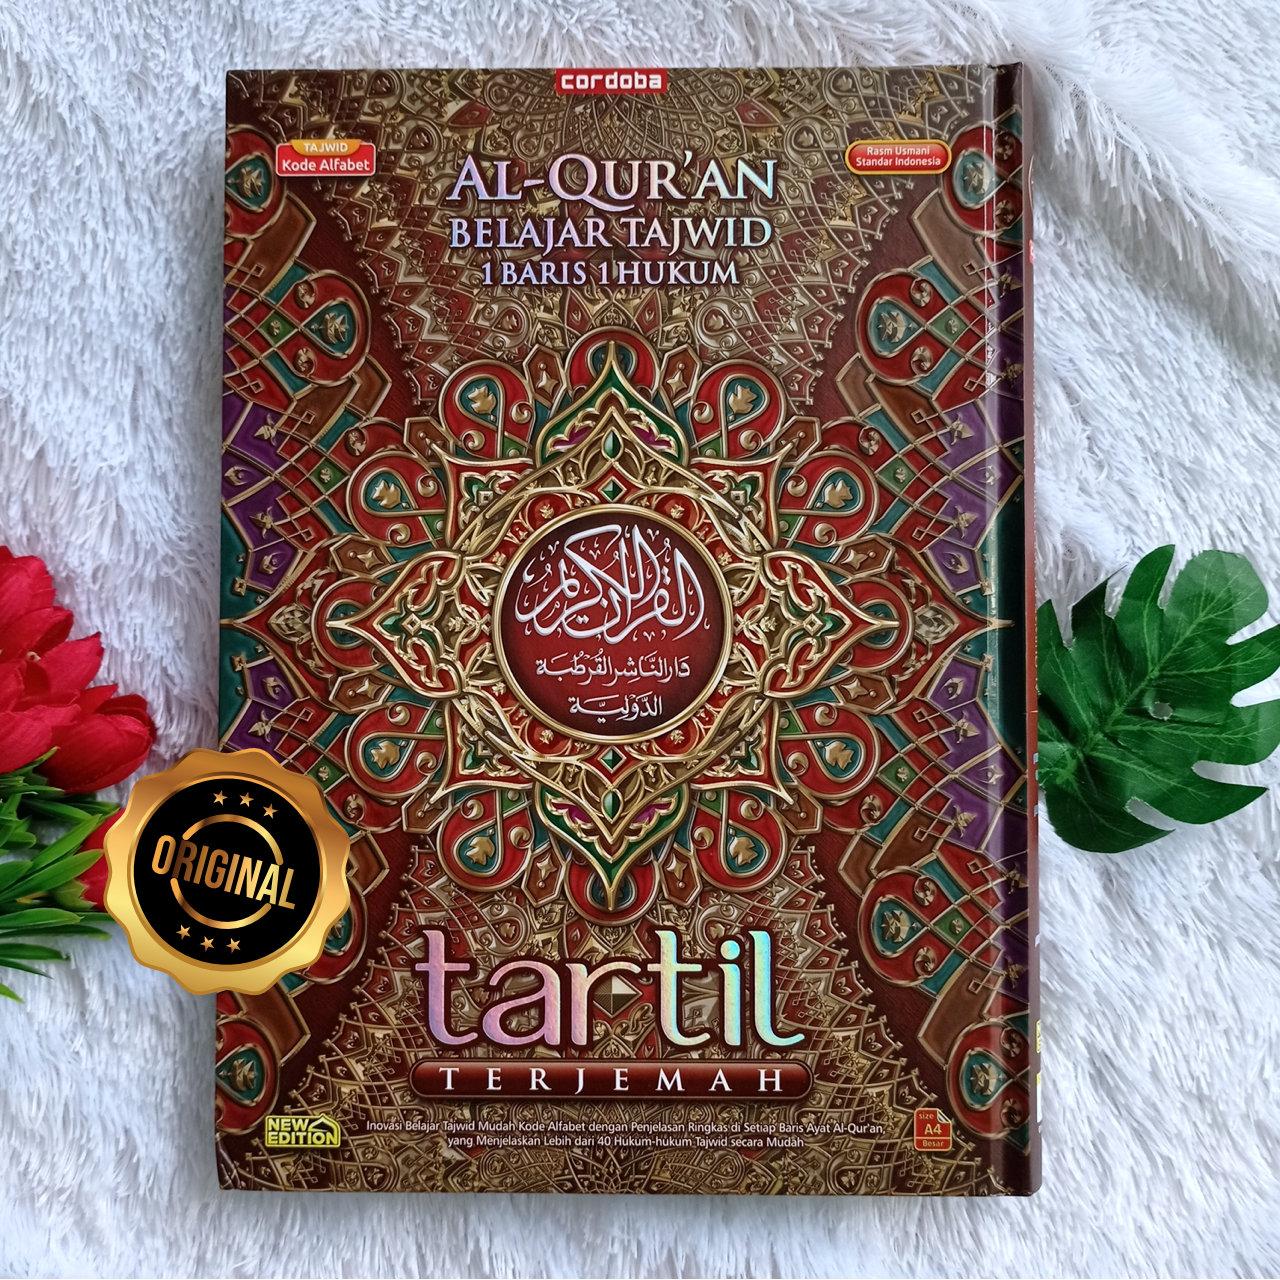 Al-Qur'an Belajar Tajwid 1 Baris Hukum Tartil Terjemah Ukuran A4